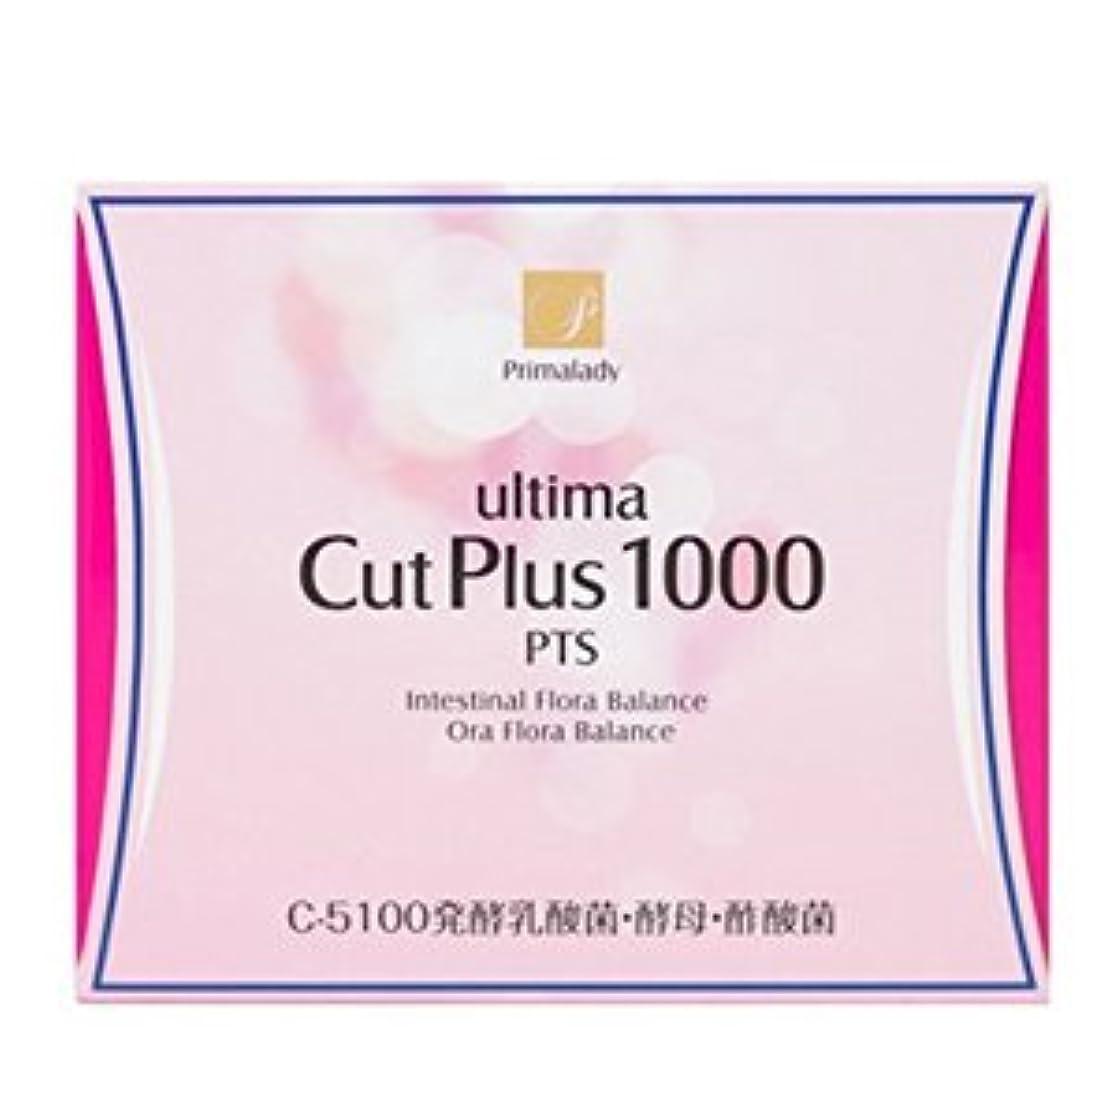 全部変な豆腐ウルティマカットプラス1000 30包入×6箱セット